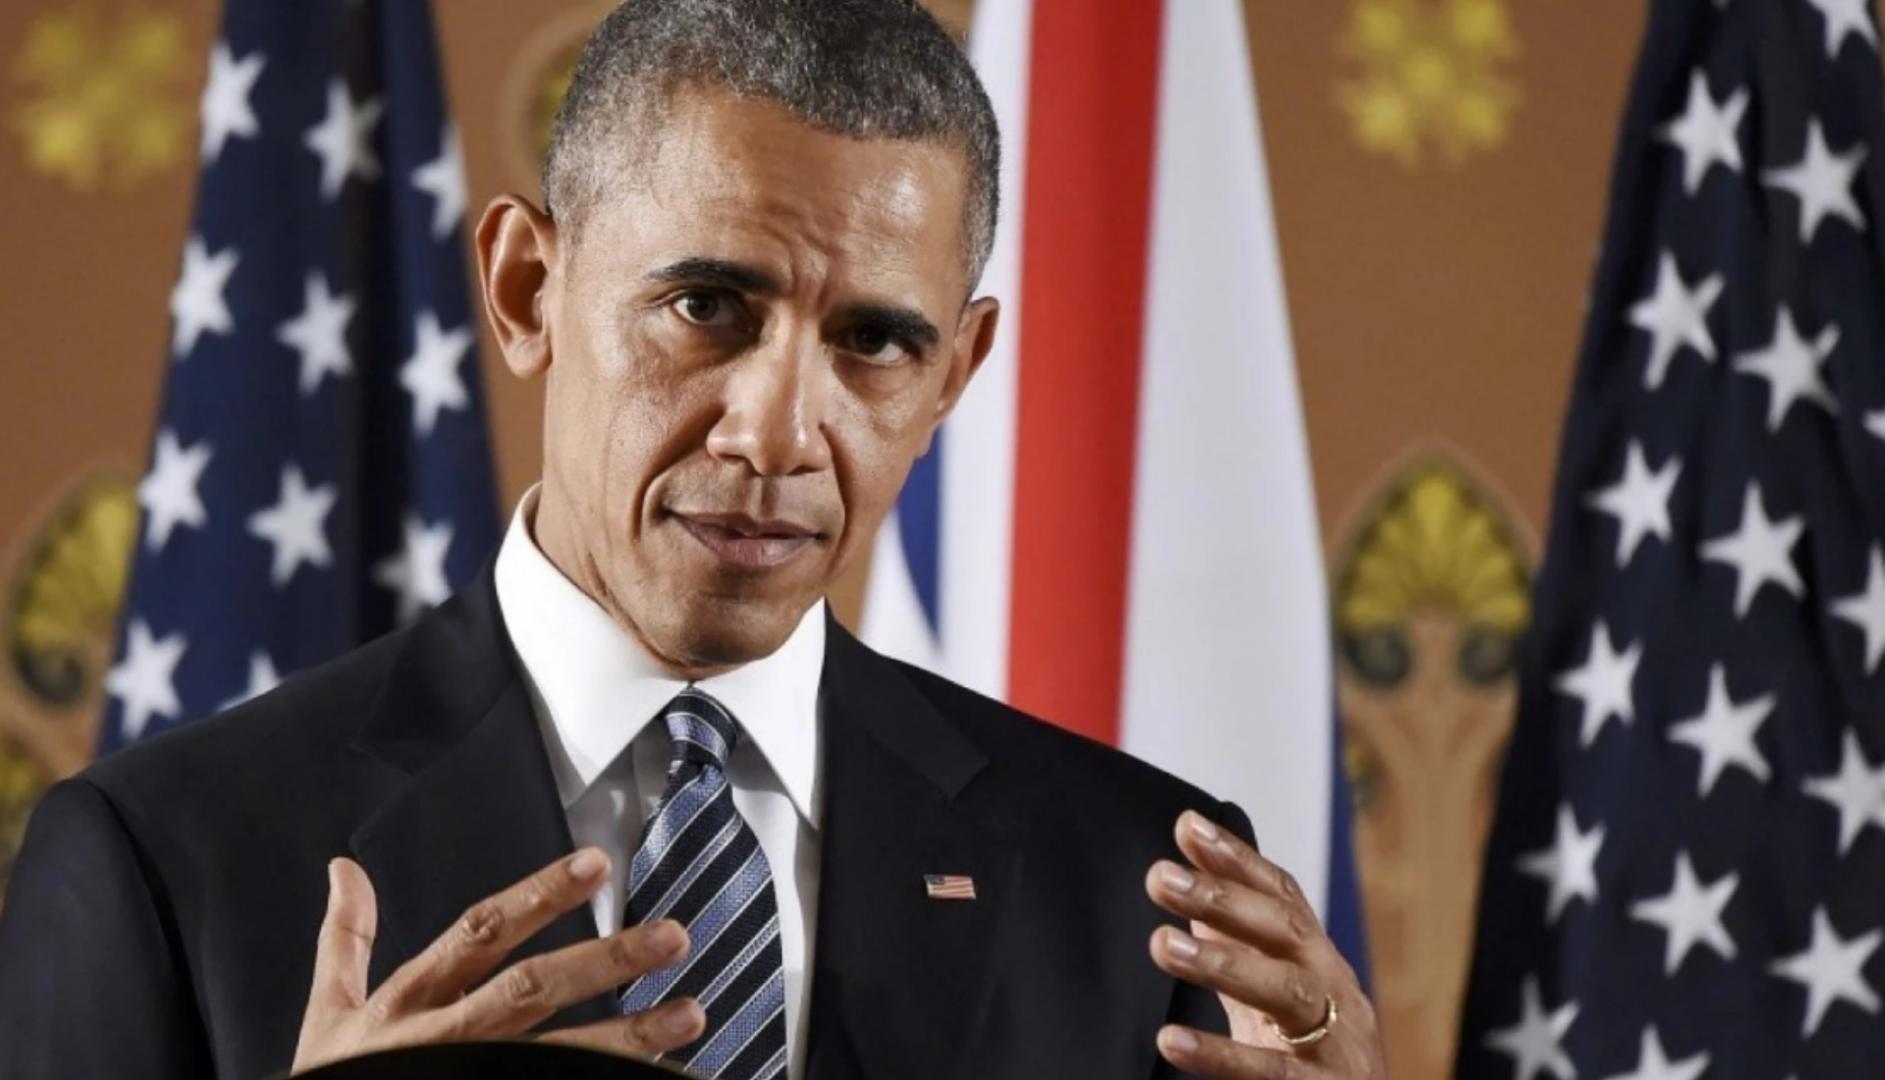 Queue? Obama's use of British English makes Brits suspicious.